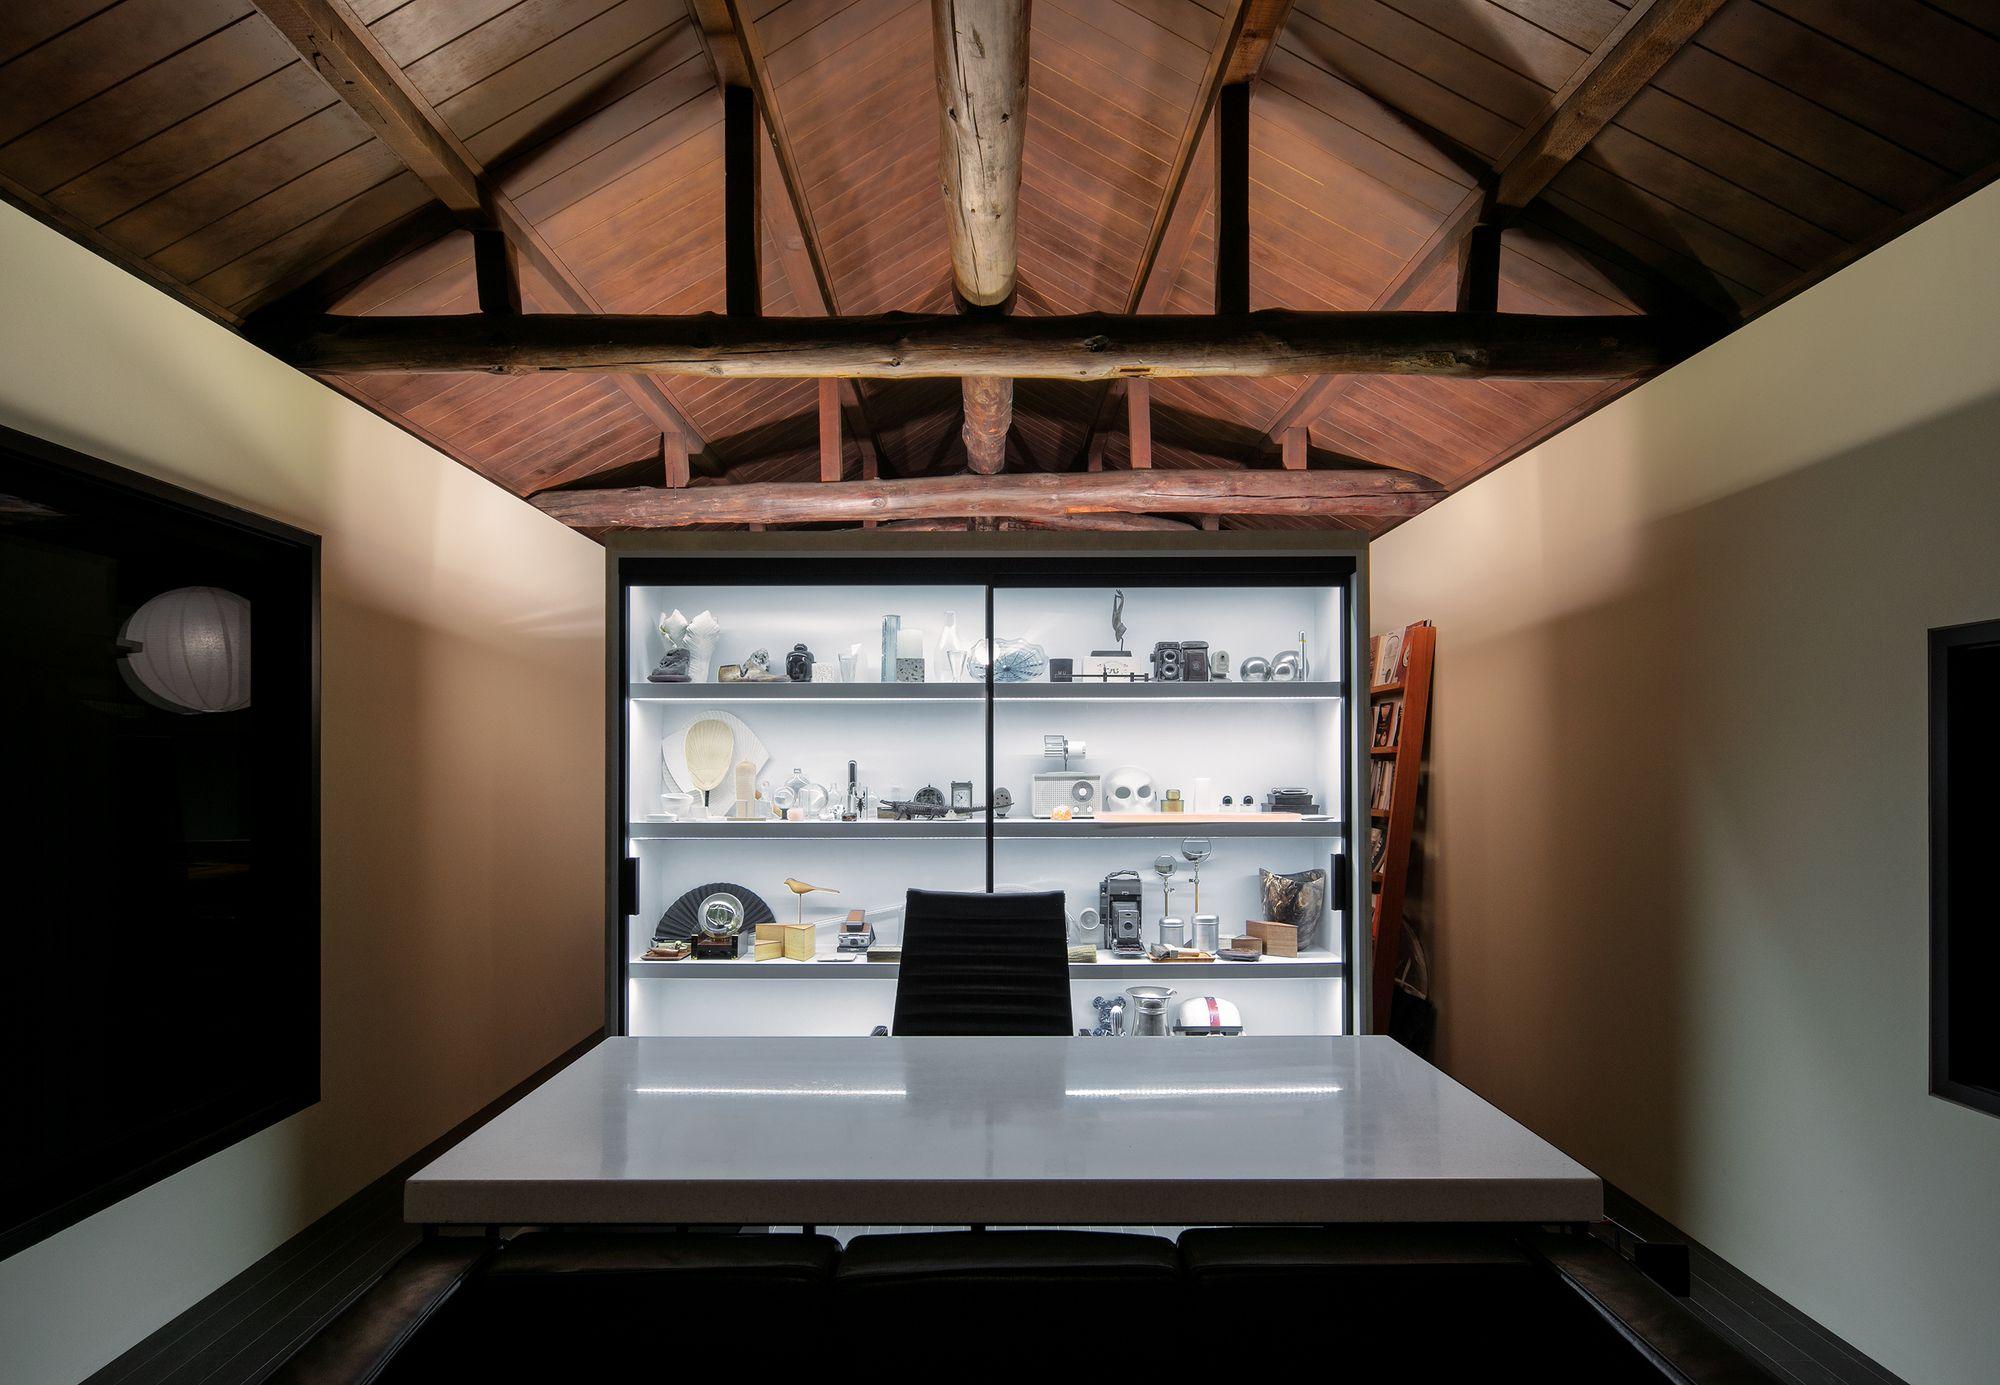 U Lab Atelier Design Studio U Lab 이미지 포함